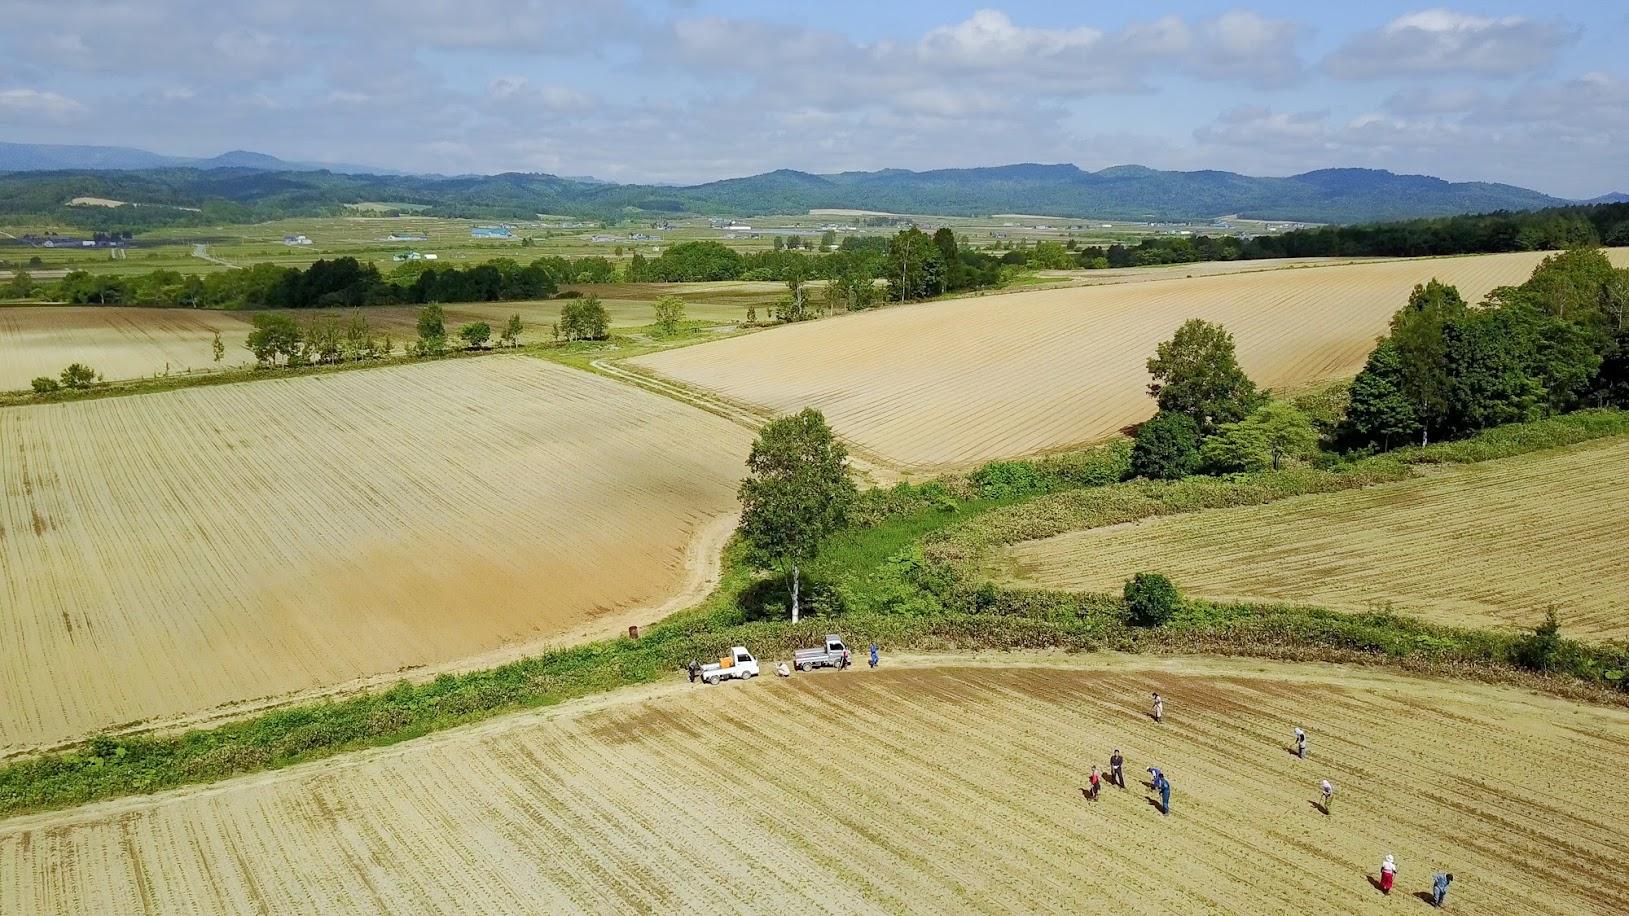 ひまわり油用畑(下方と上部左側と右側)